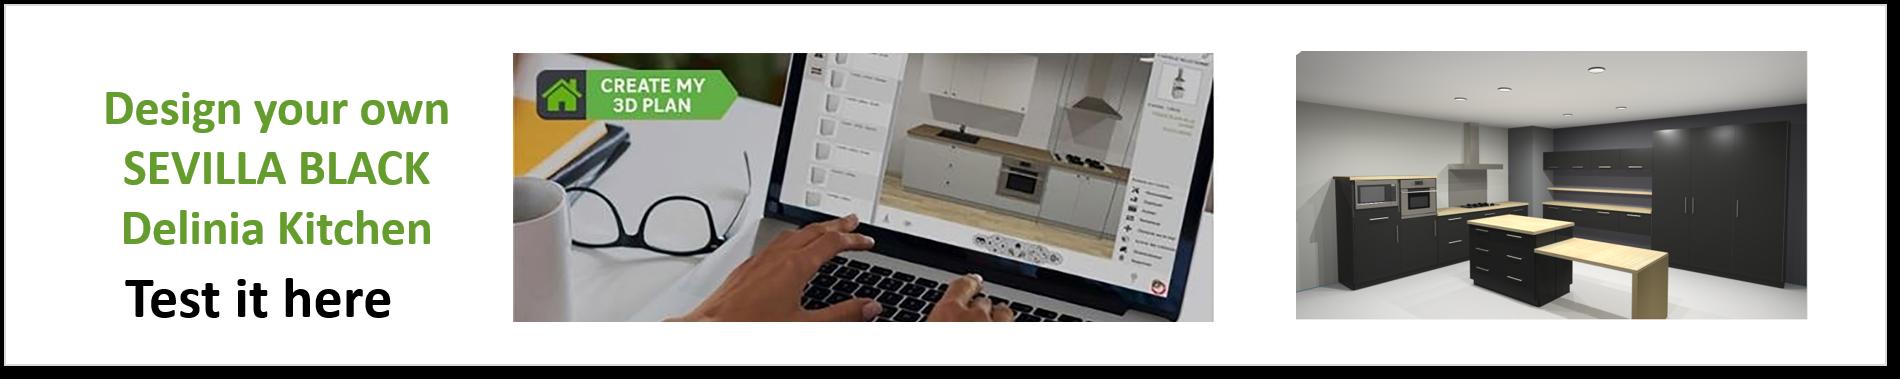 Create or Design your own Delinia Sevilla Black Designer Kitchen